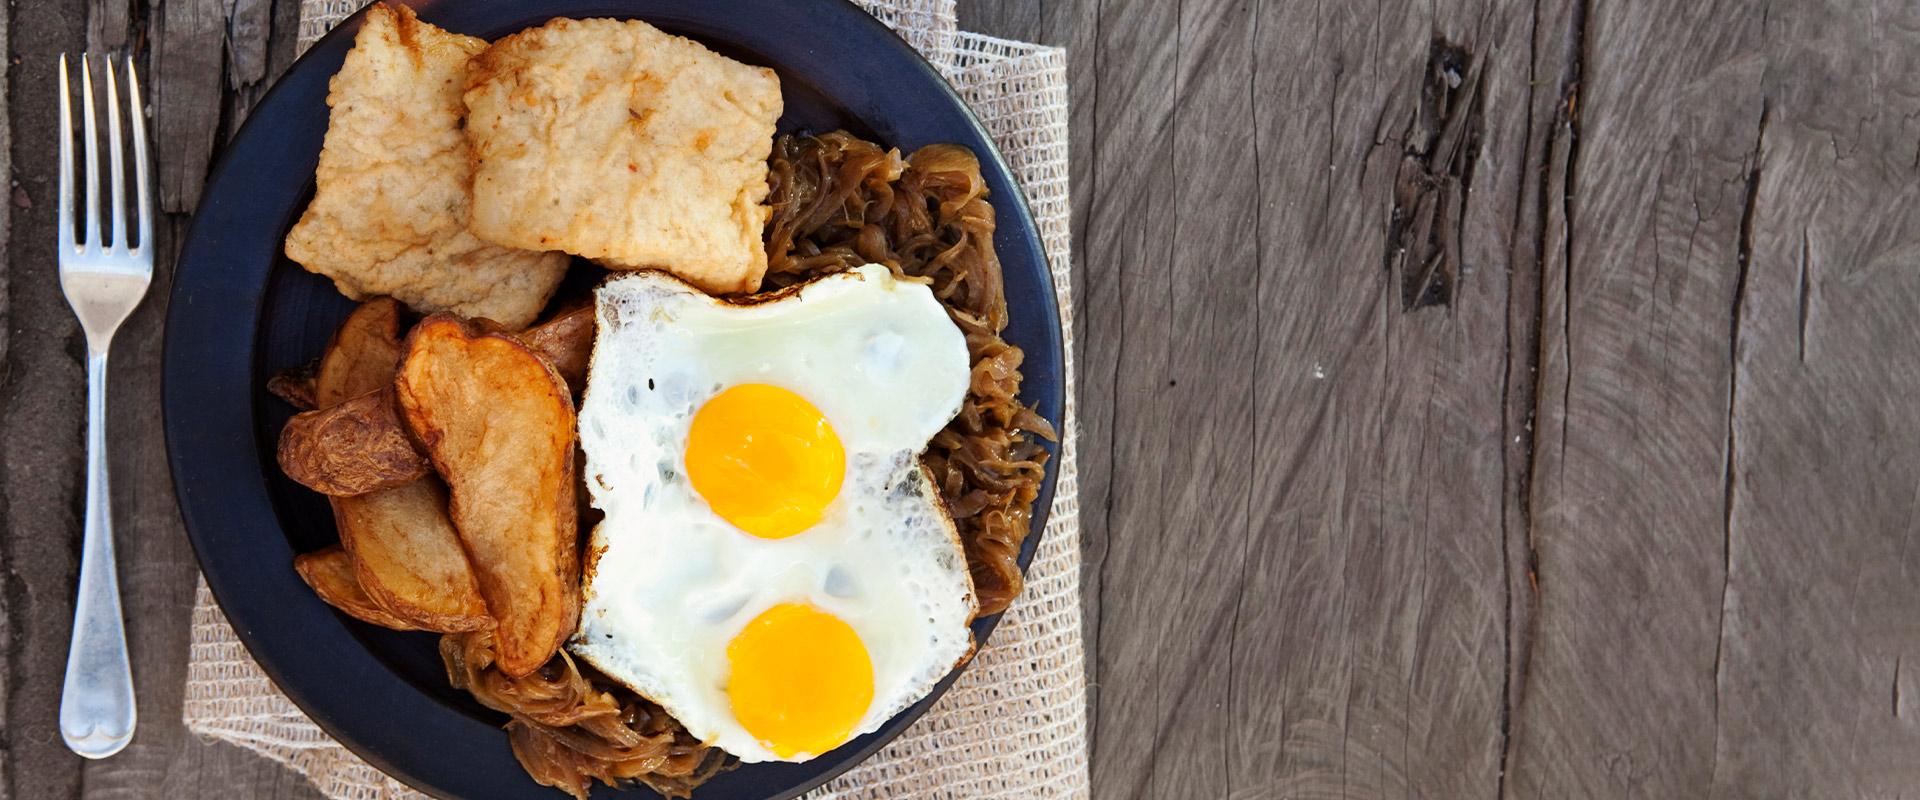 Cinco platos emblemáticos de la comida chilena y sus deliciosos maridajes